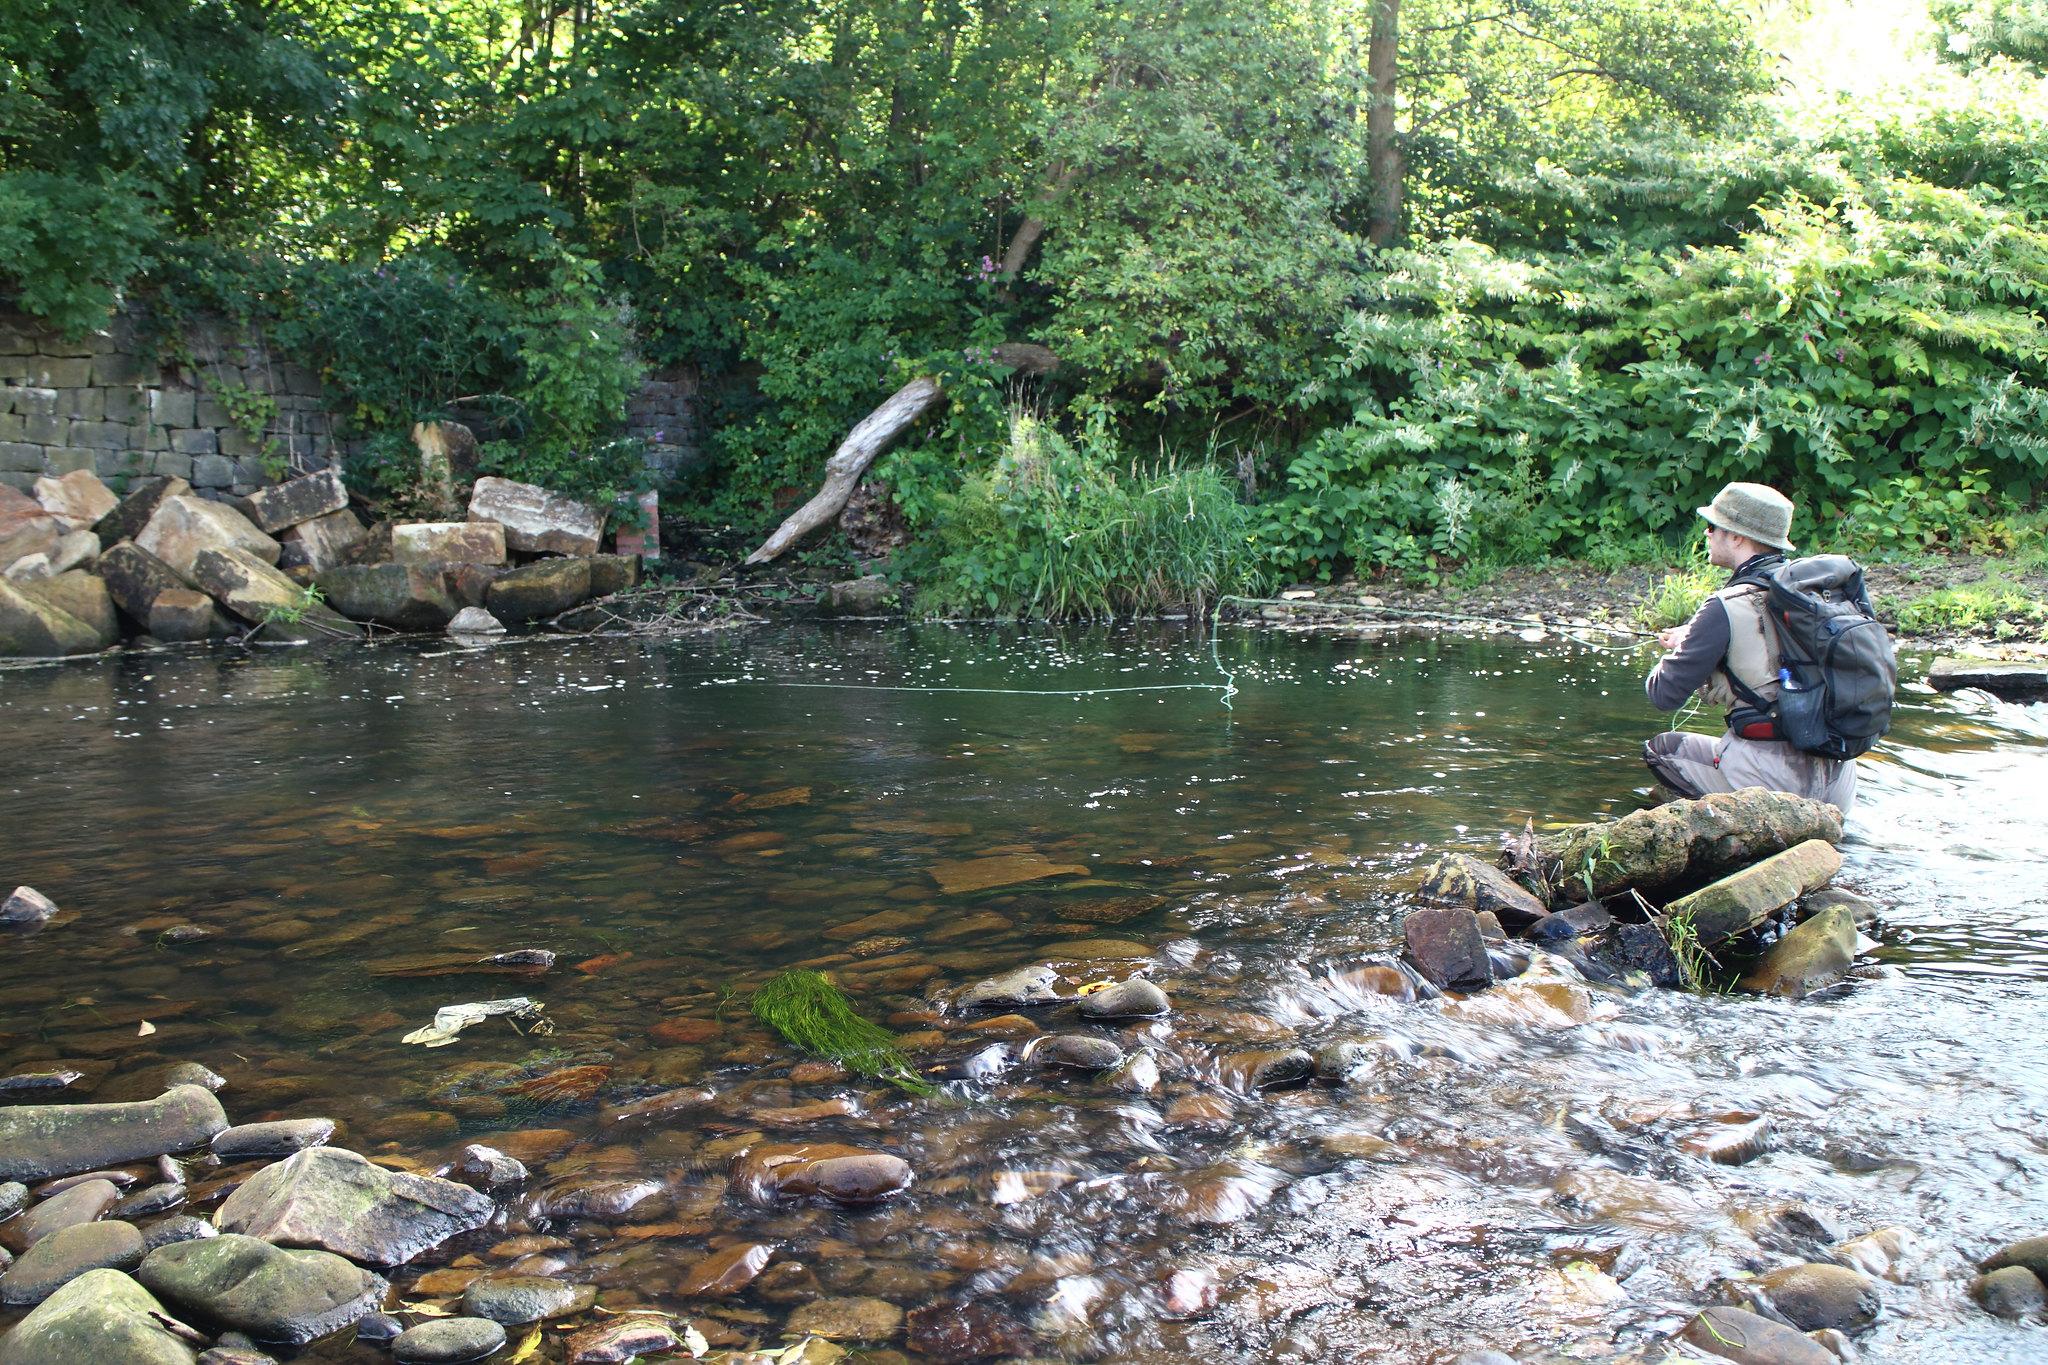 River Don - Steve Morrison